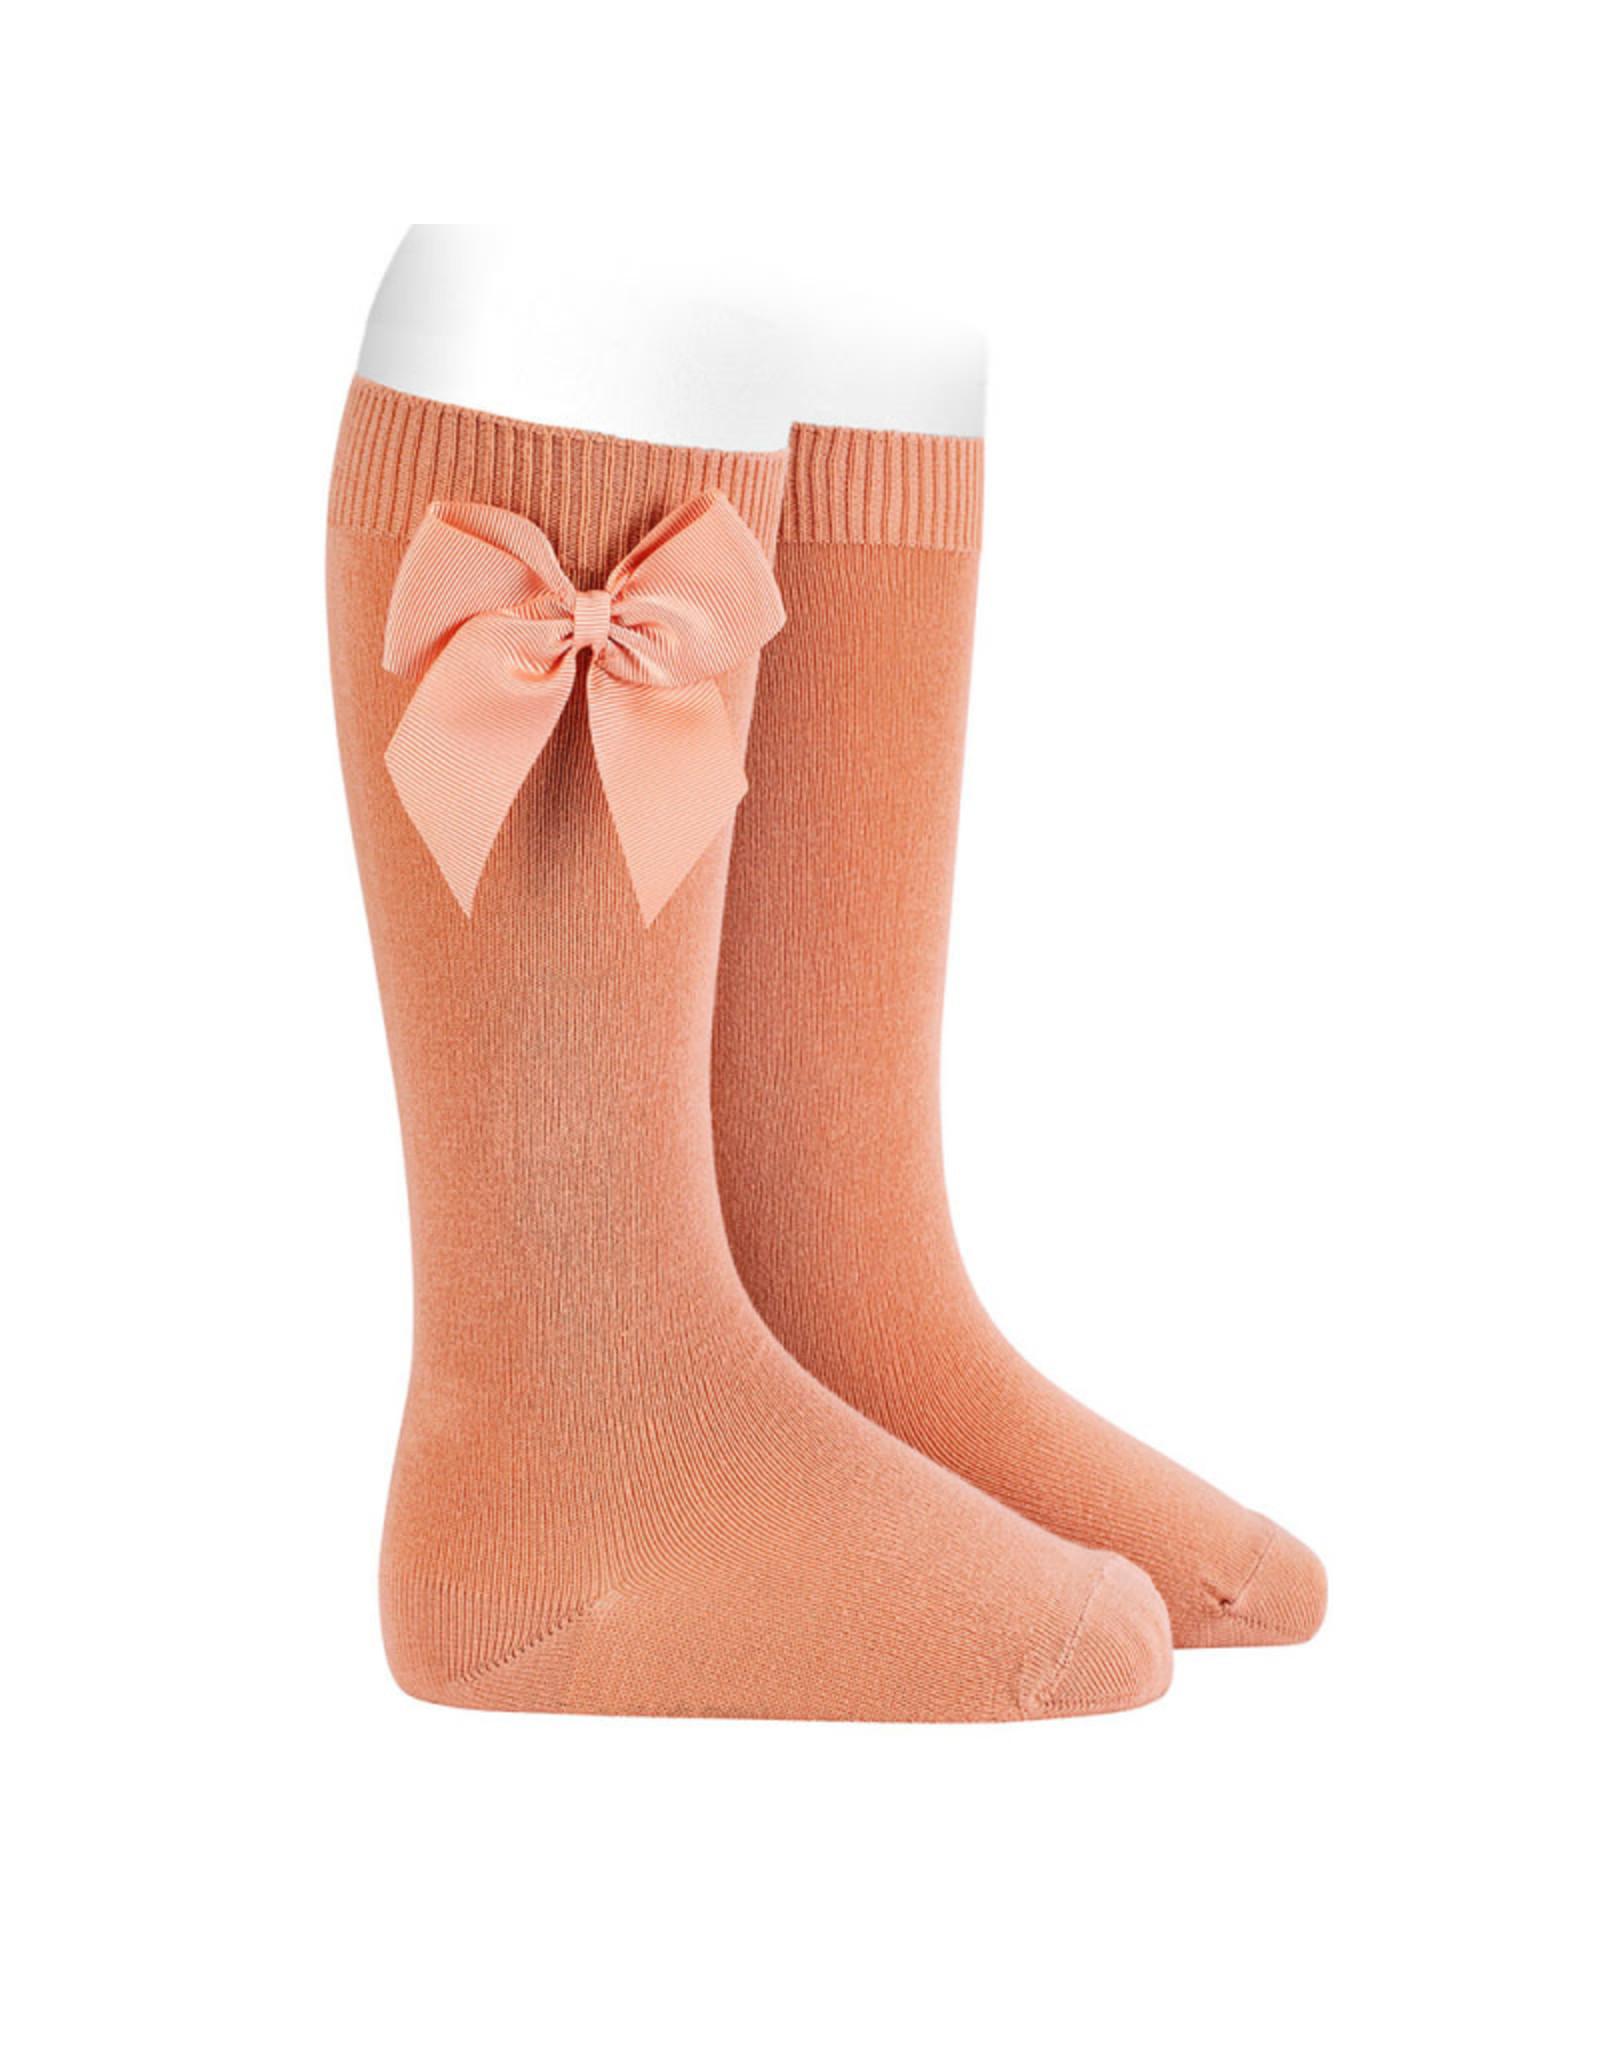 CONDOR Peach Knee Socks with Bow